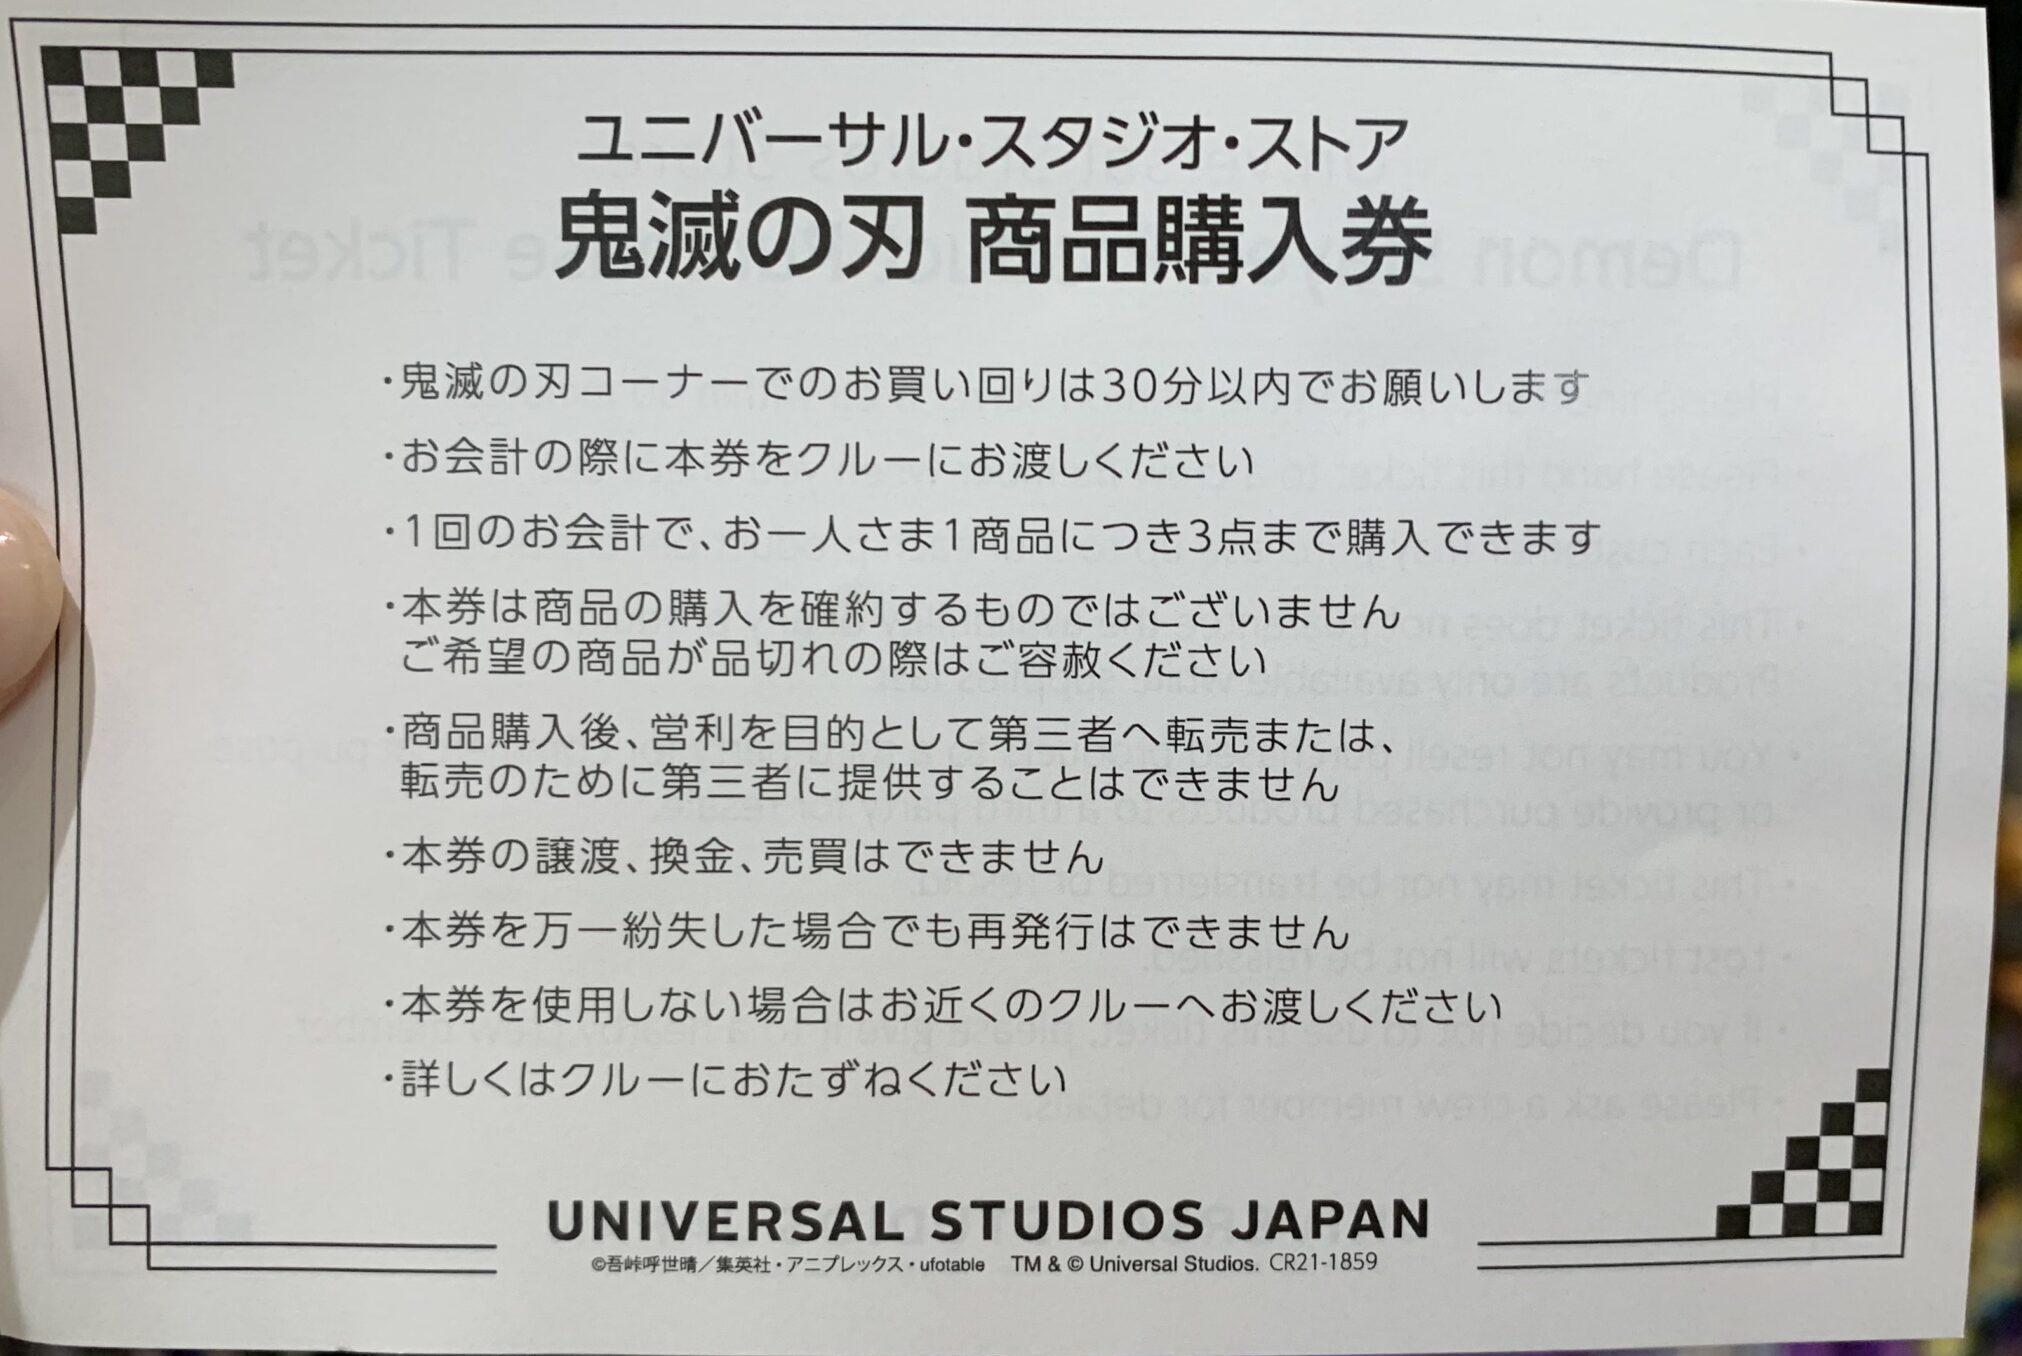 鬼滅の刃USJユニバーサルスタジオジャパン